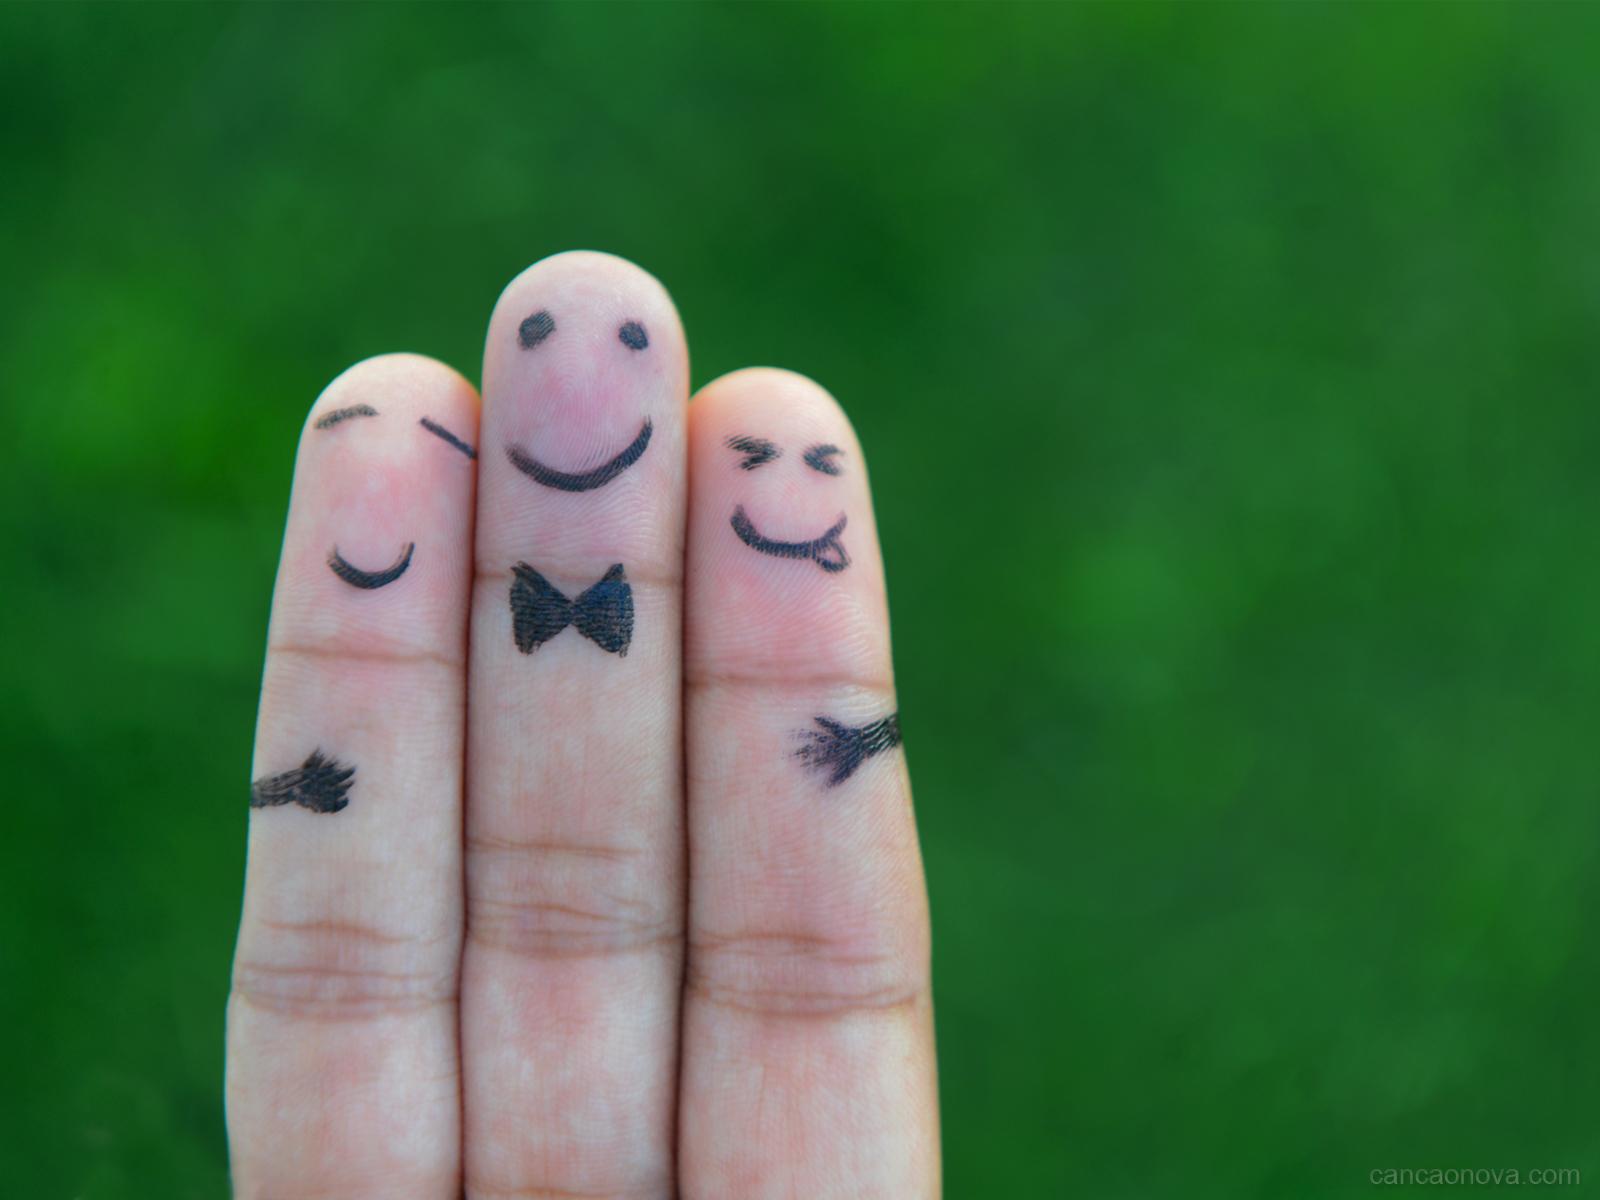 -Conheça-as-três-fases-para-formação-de-uma-boa-amizade-